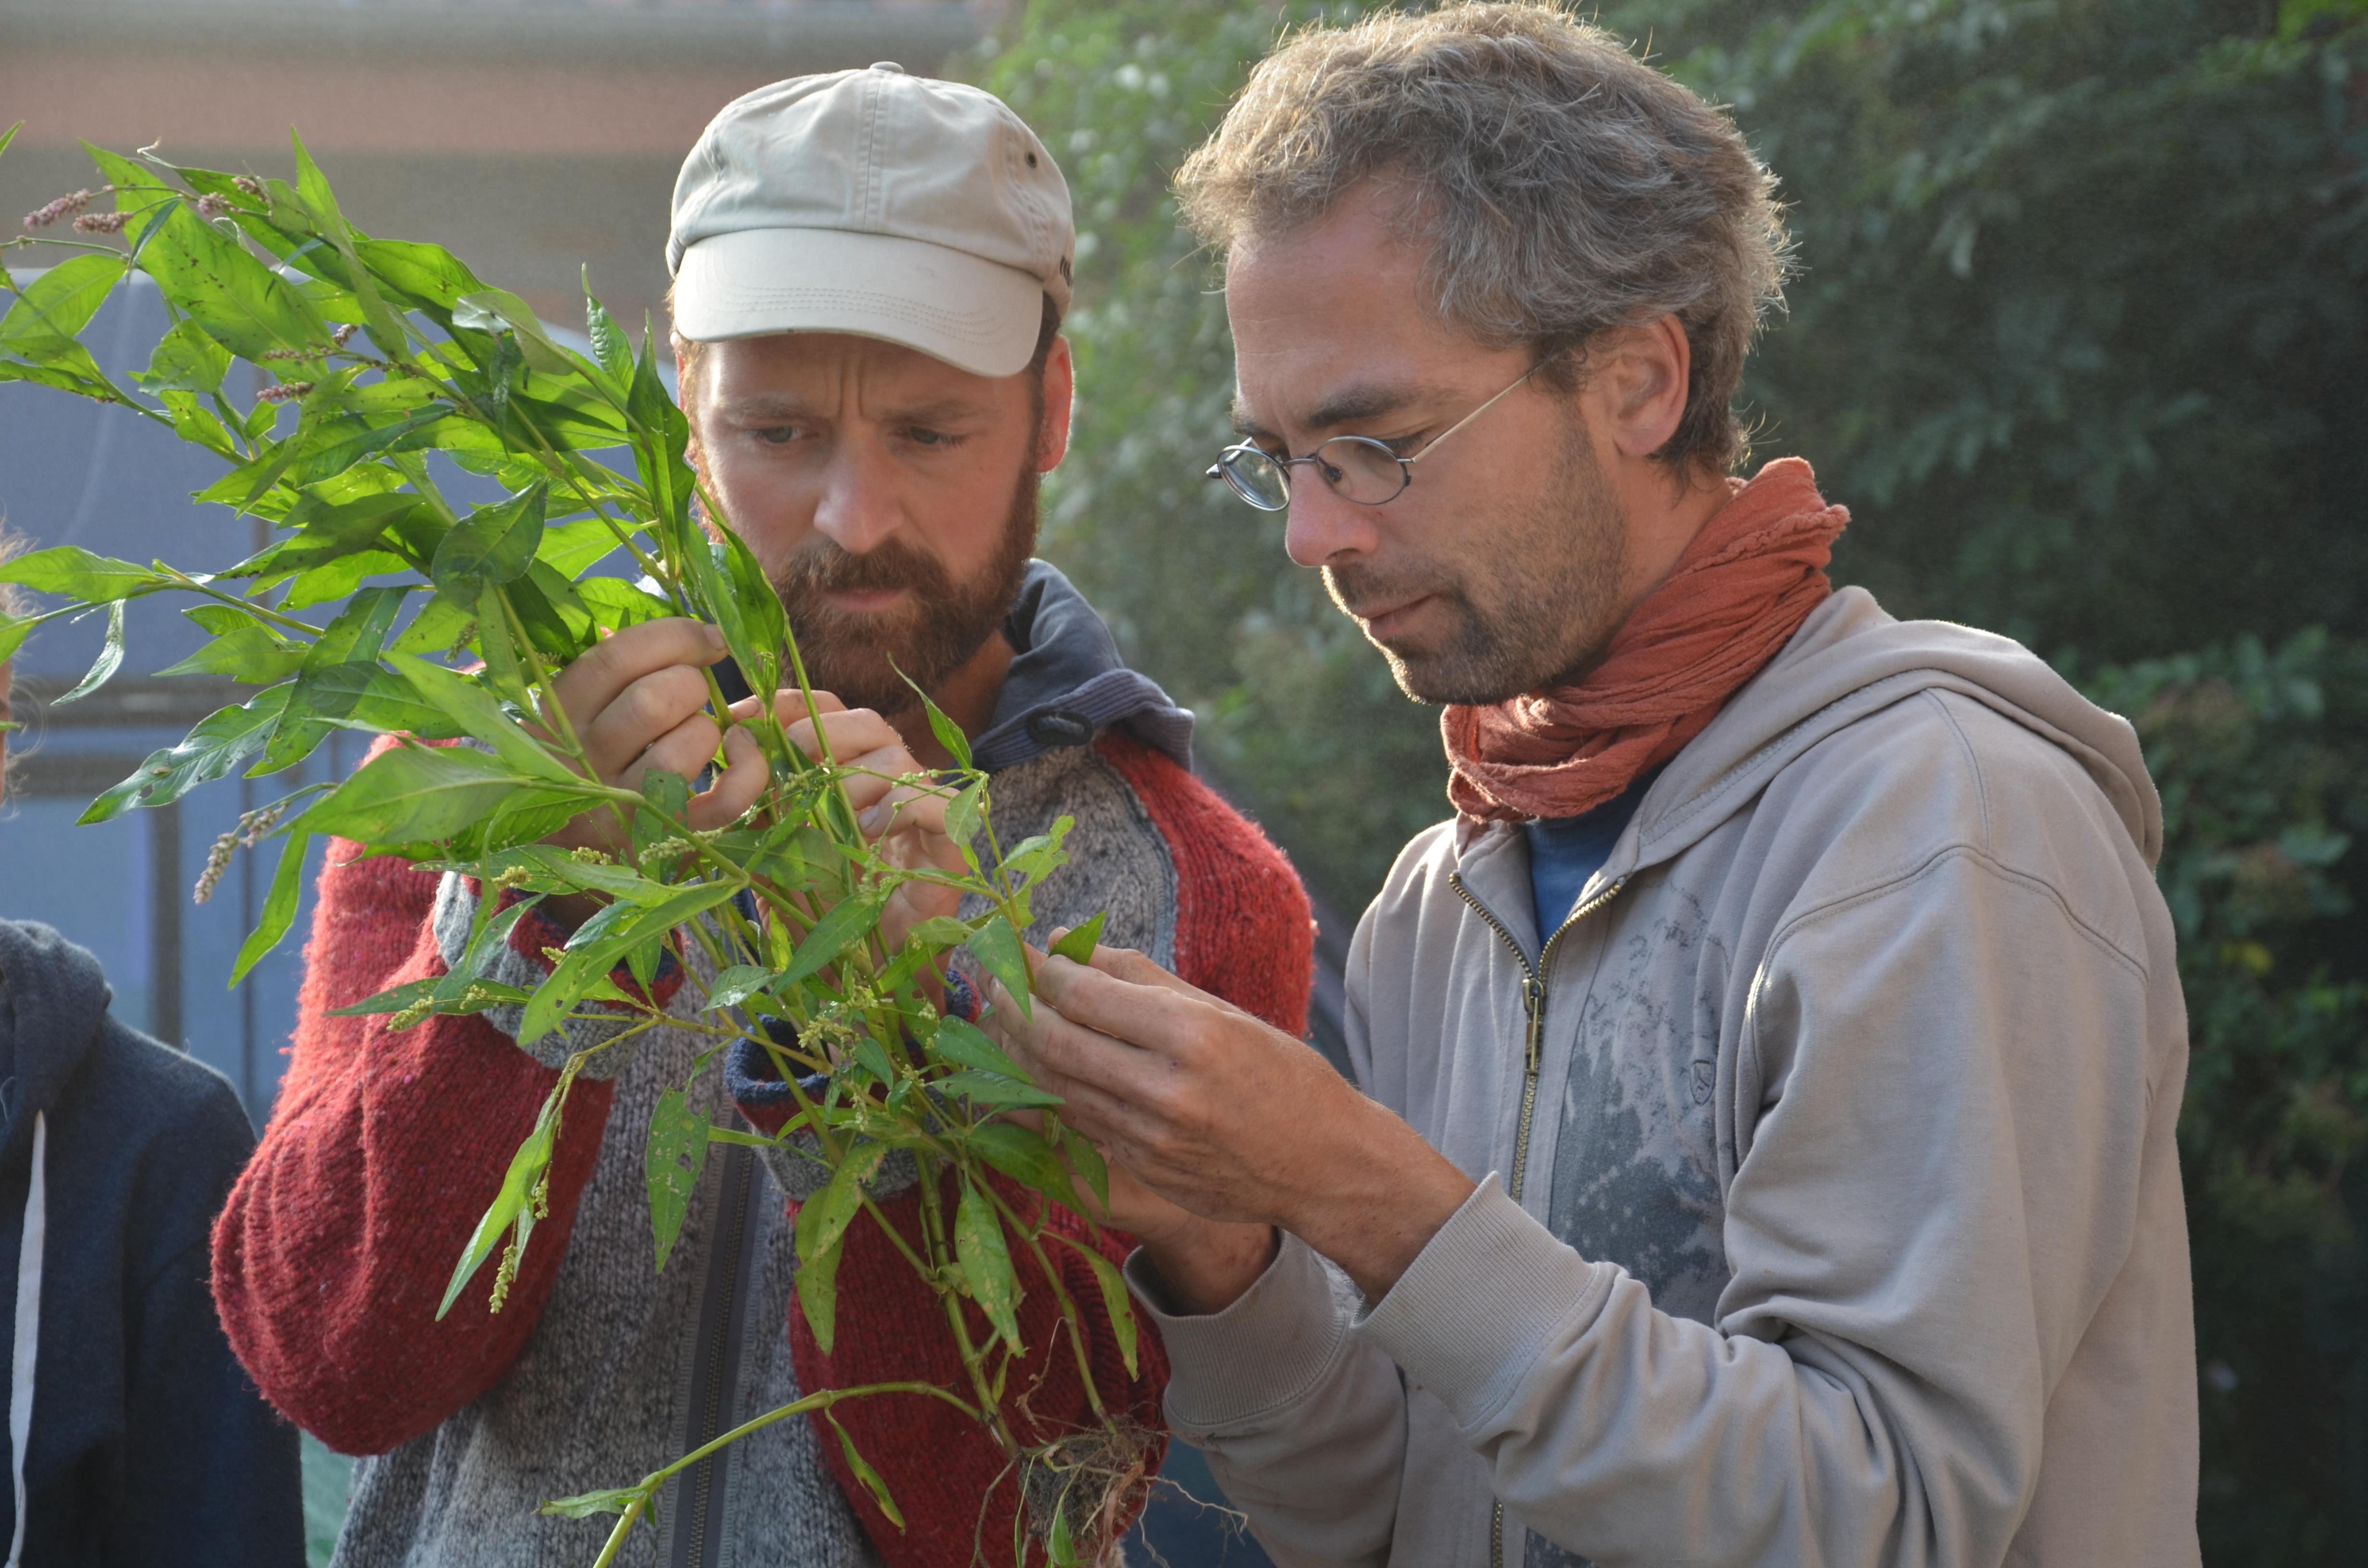 Mit den Demeter Bauern vor Ort werden die Ausbildenden fachkundig in die biodynamische Pflanzenkunde unterrichtet. z.B. Biodynamische Schädlingsbekämpfung lässt sich so am besten exemplarisch erklären.